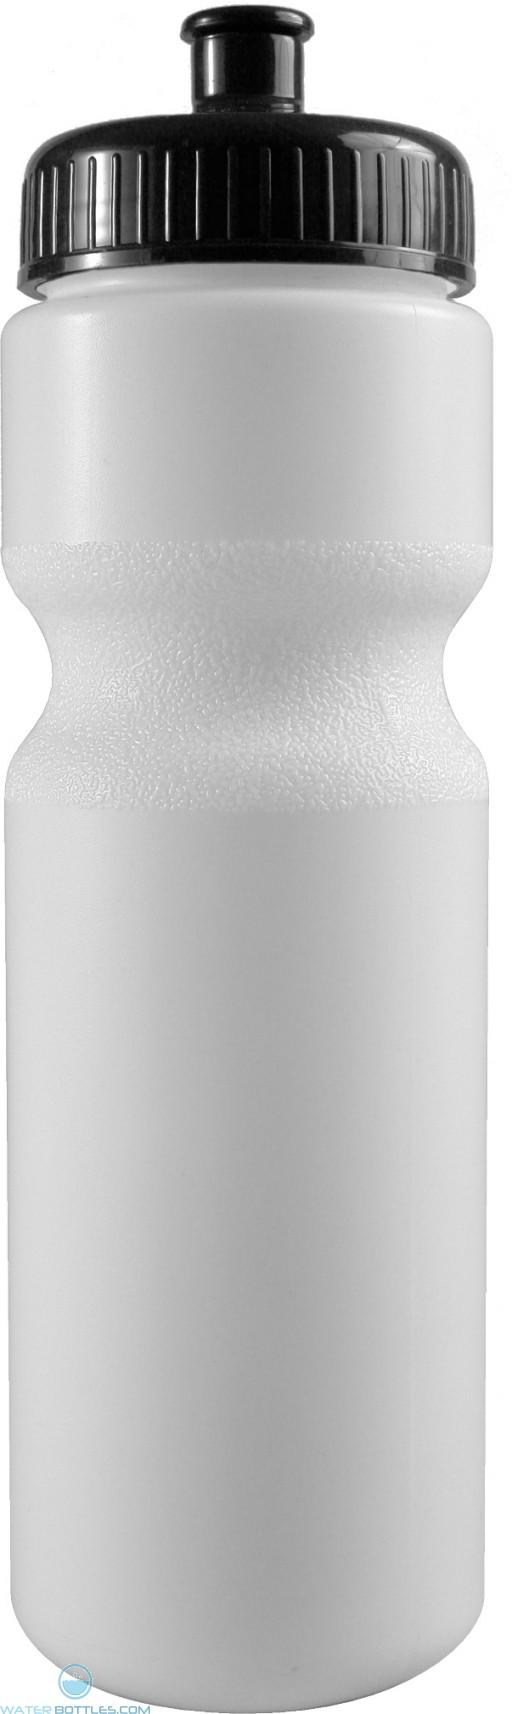 The Journey Bottles - 28 oz. Bottles - DP-White